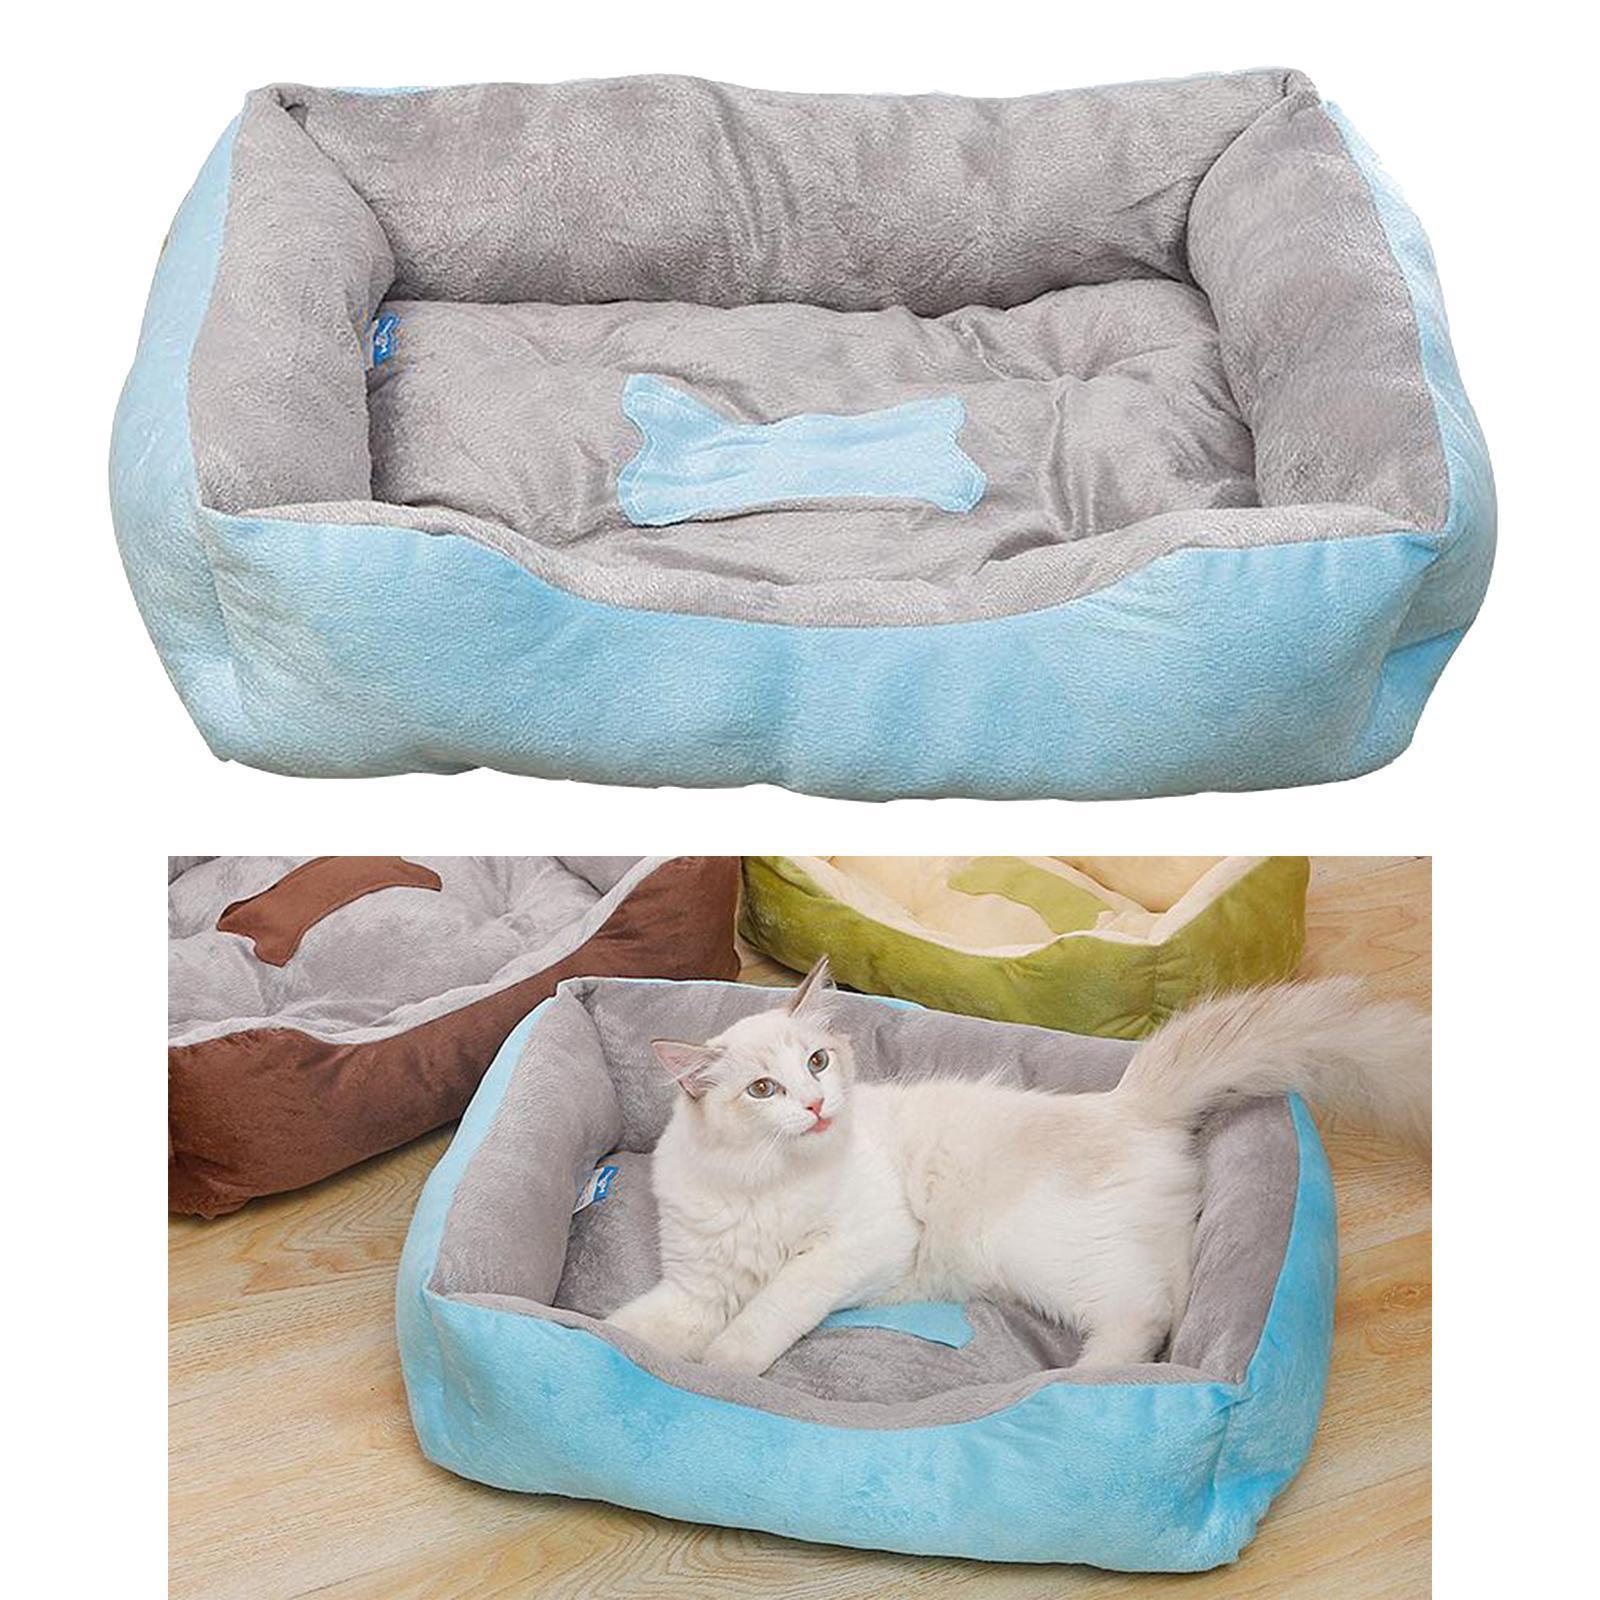 Indexbild 73 - Katze-Hund-Bett-Pet-Kissen-Betten-Haus-Schlaf-Soft-Warmen-Zwinger-Decke-Nest